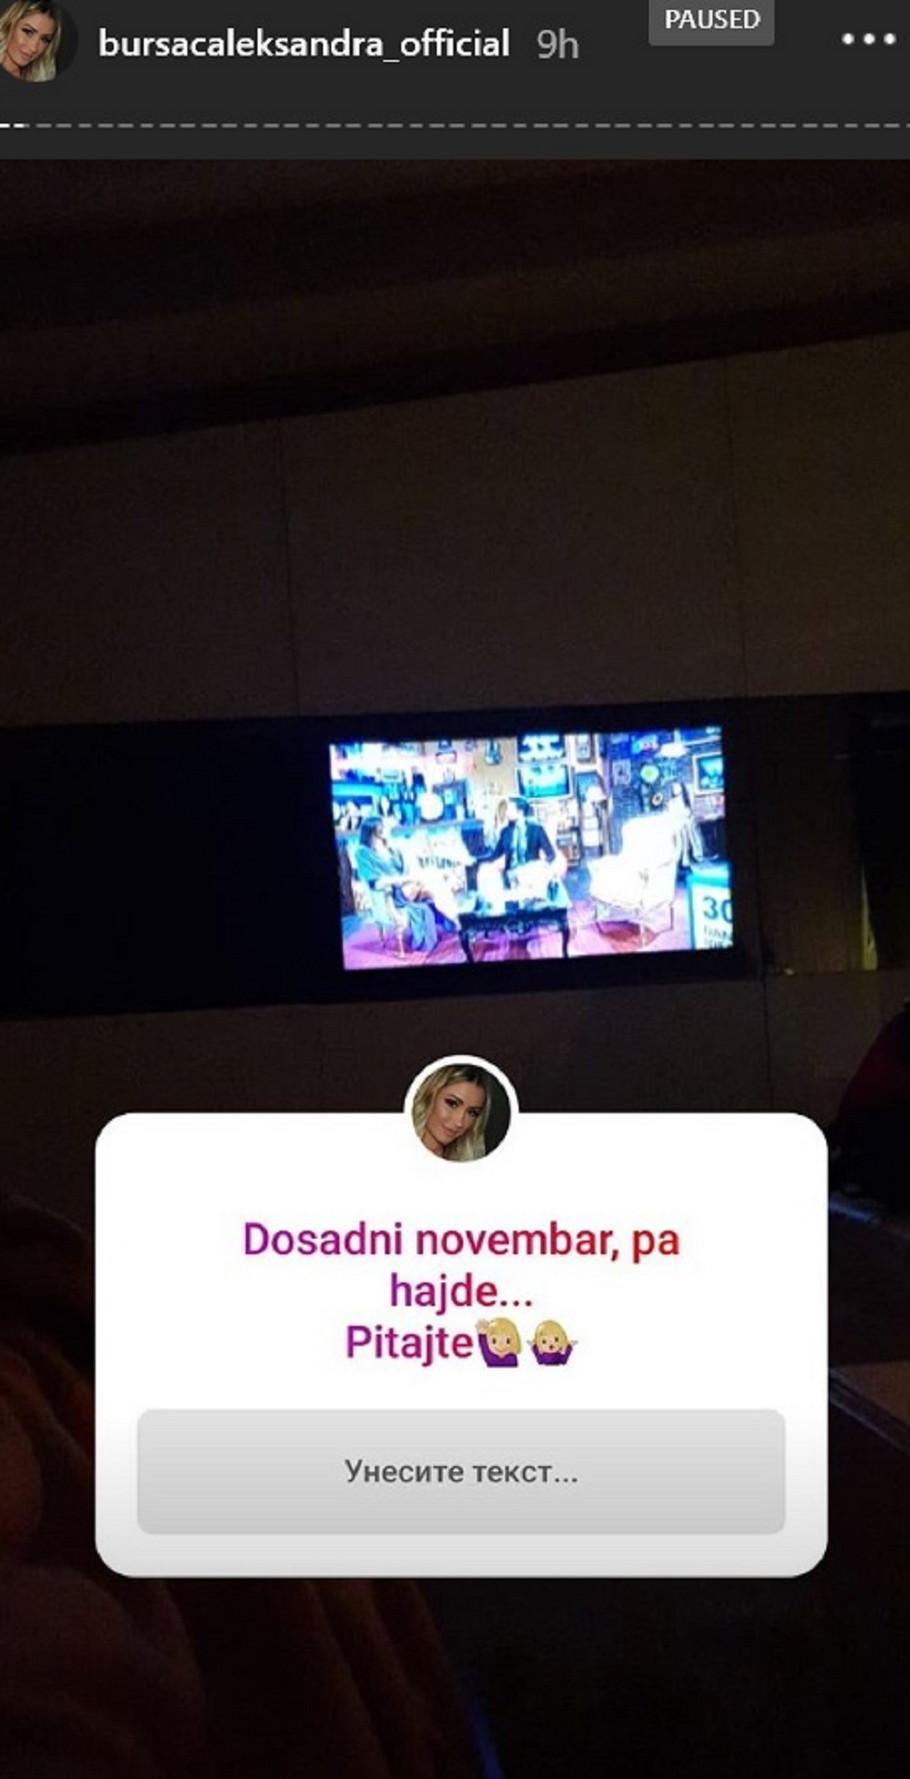 Aleksandra Bursać gleda emisiju